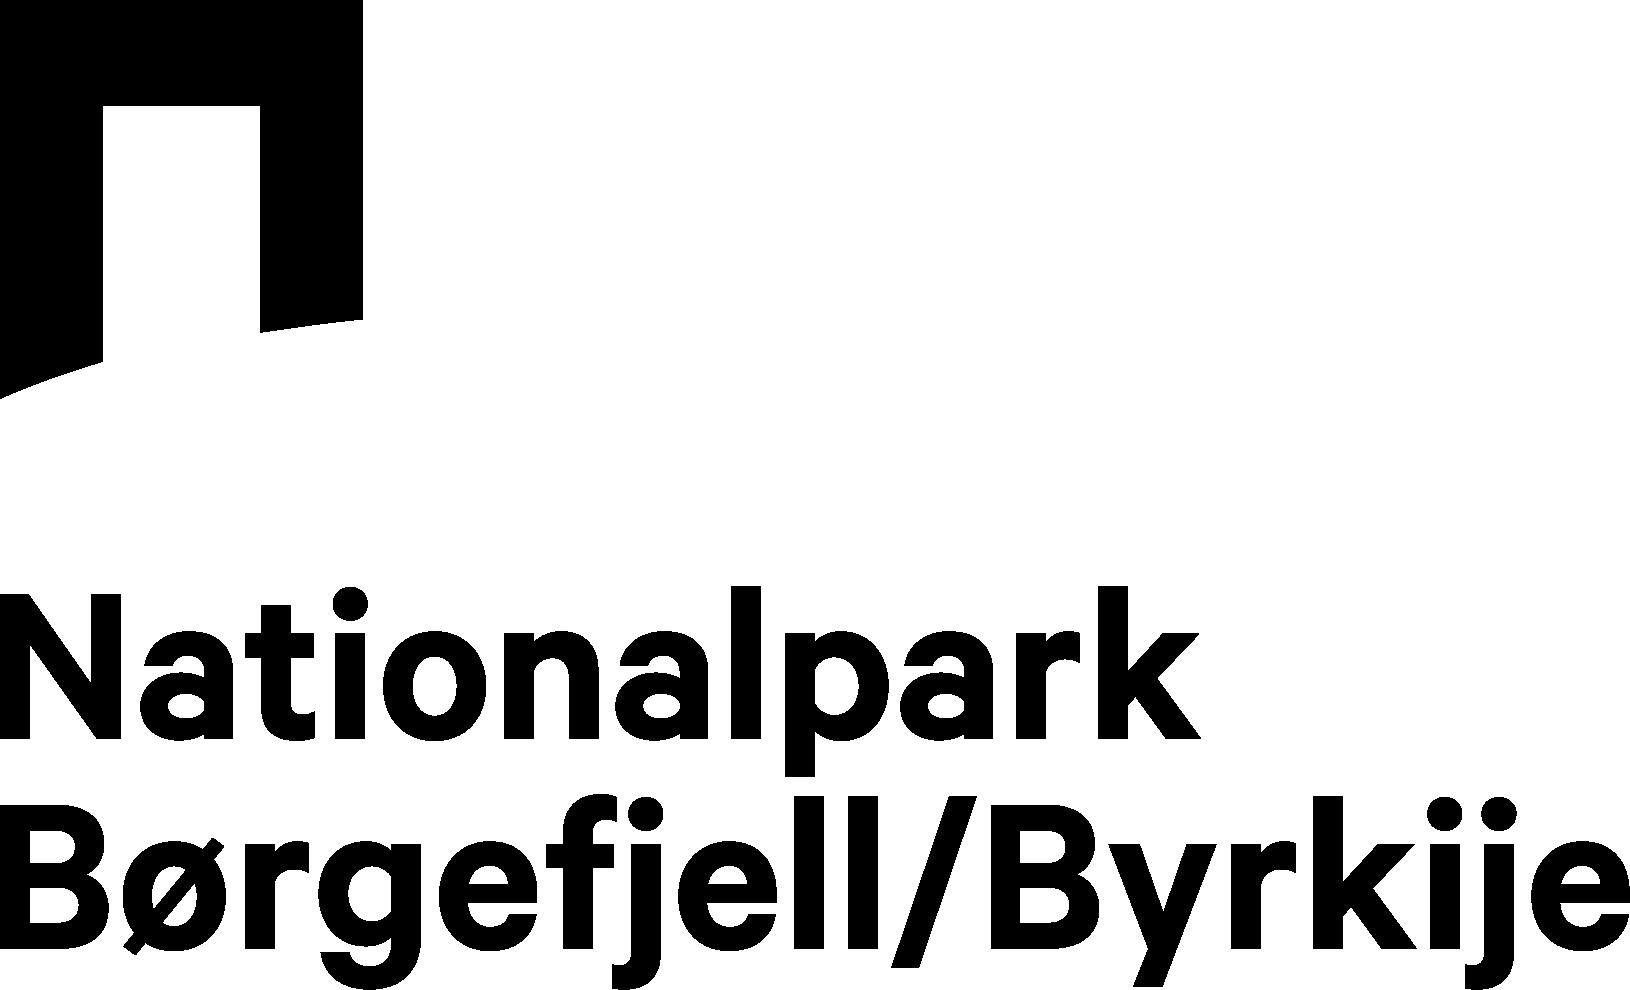 Logo Willkommen im wilden und wunderschönen Nationalpark Børgefjell/Byrkije